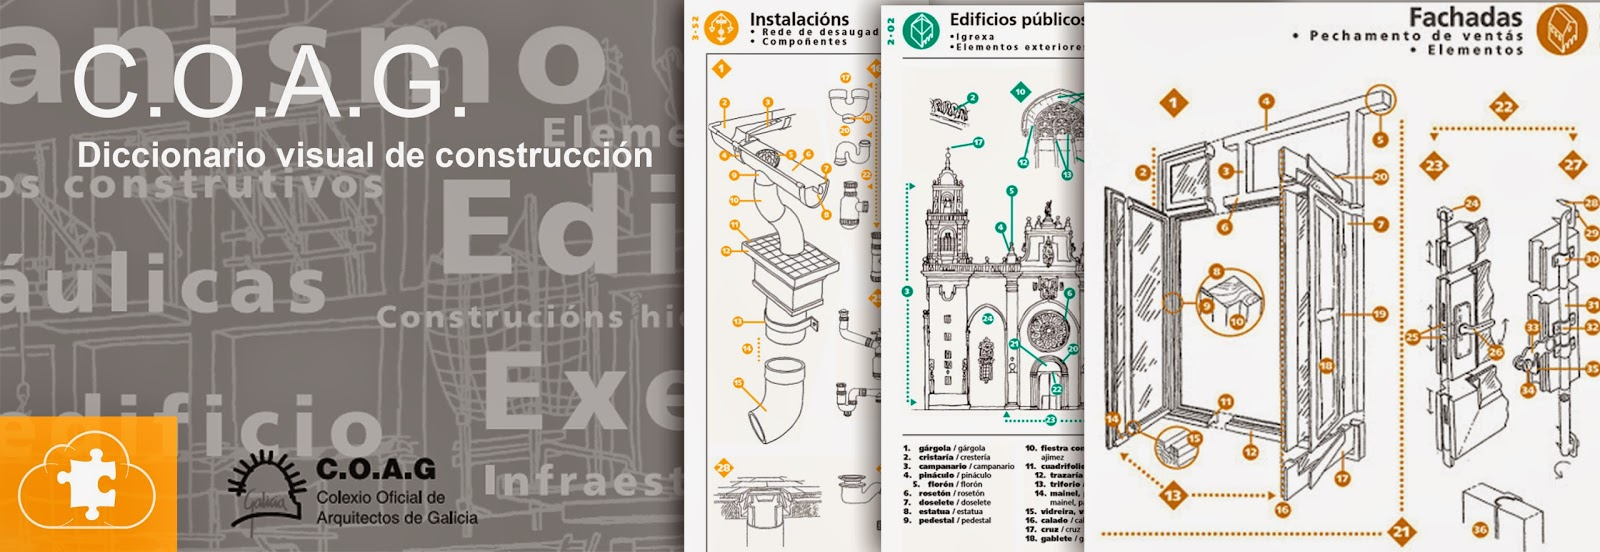 Candela pro diccionario visual de construcci n c o a for Diccionario de arquitectura pdf